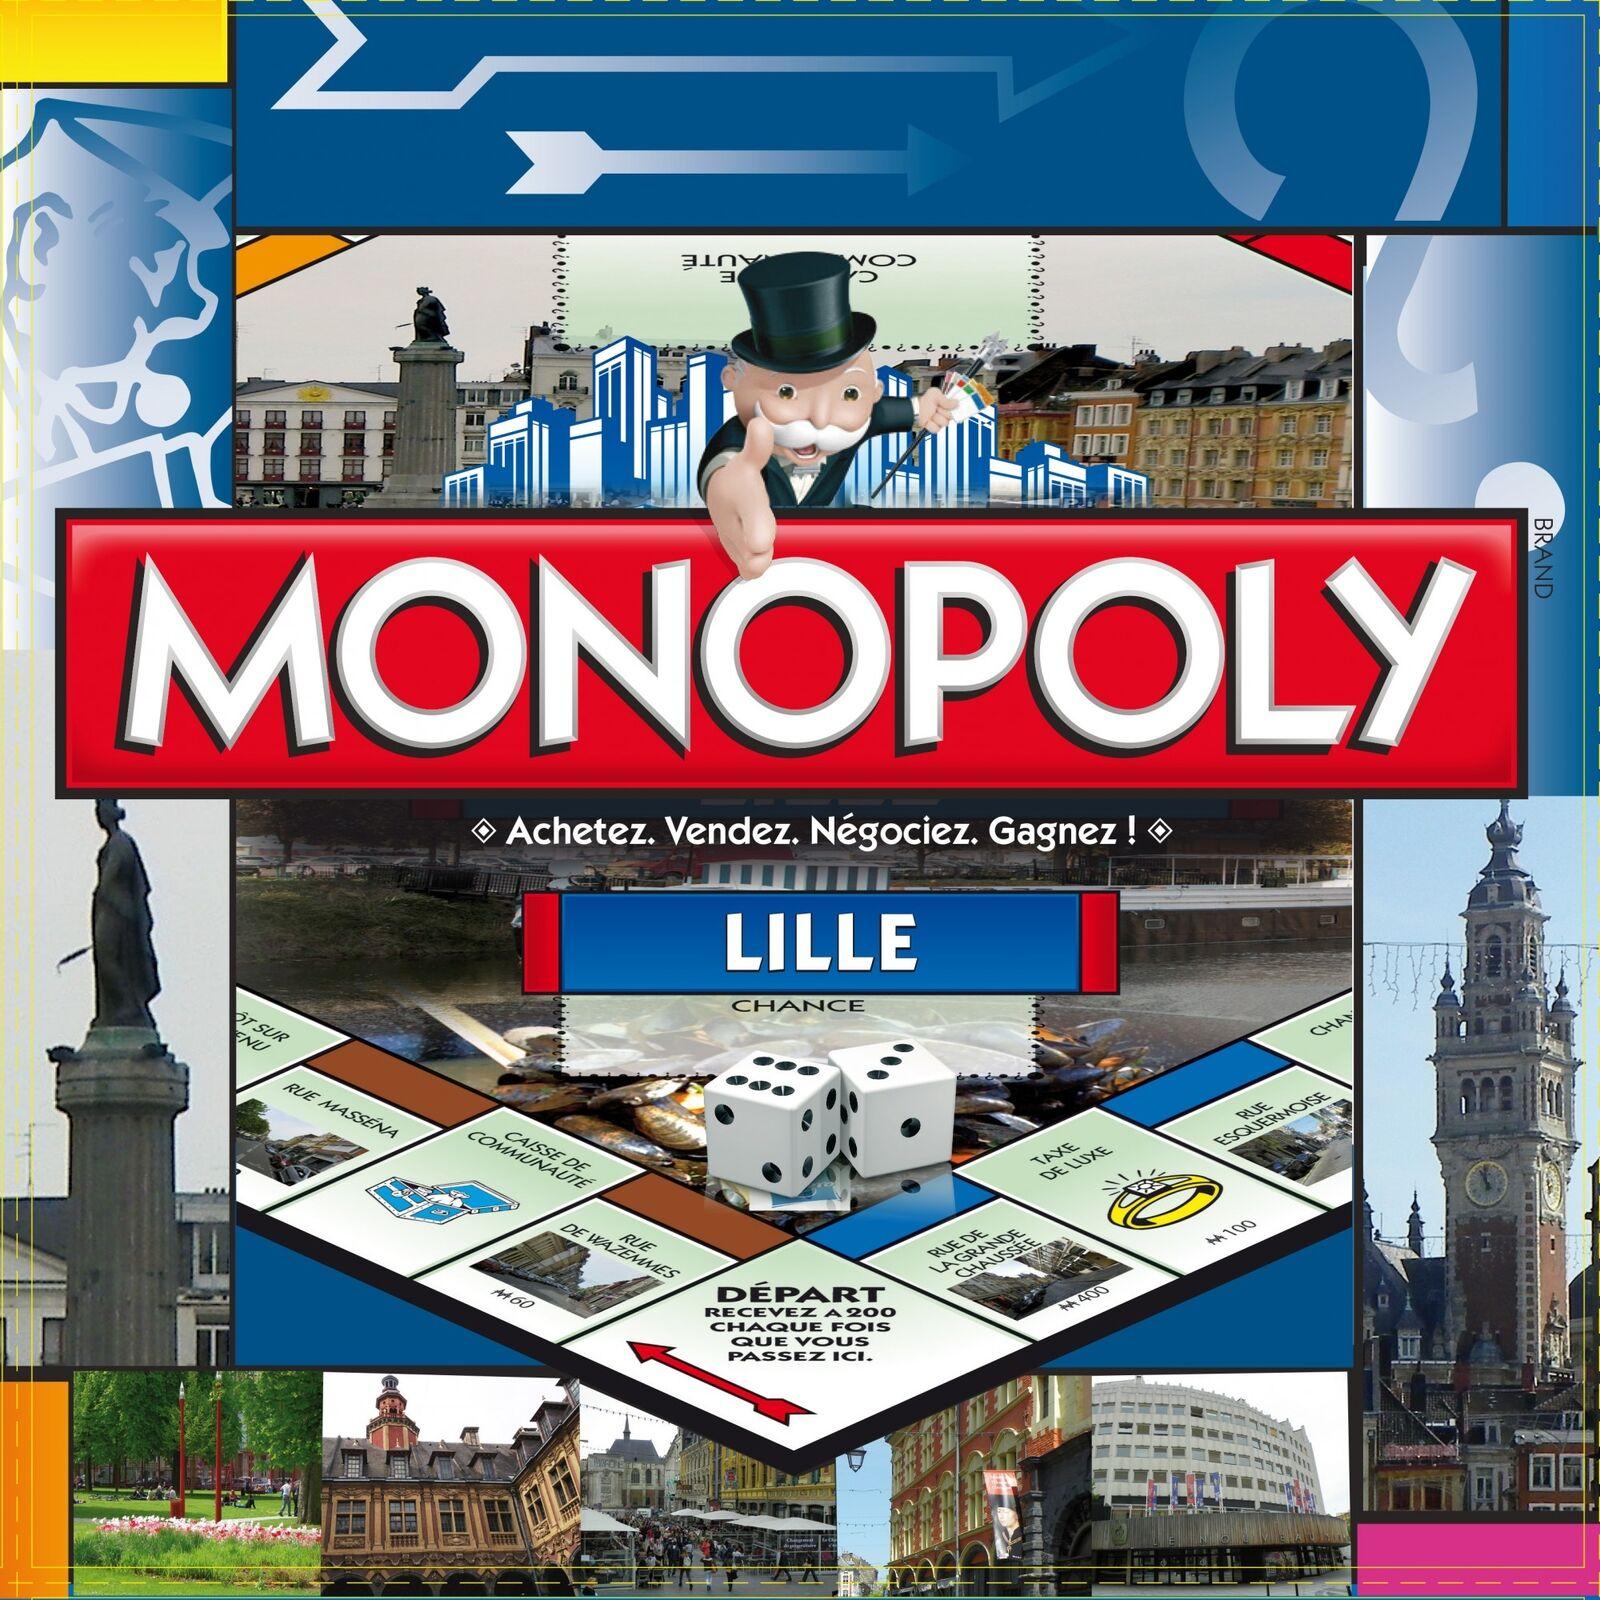 Monopoly Lille Ciudad Edición Juego Juego de Mesa Francia Francés Nuevo